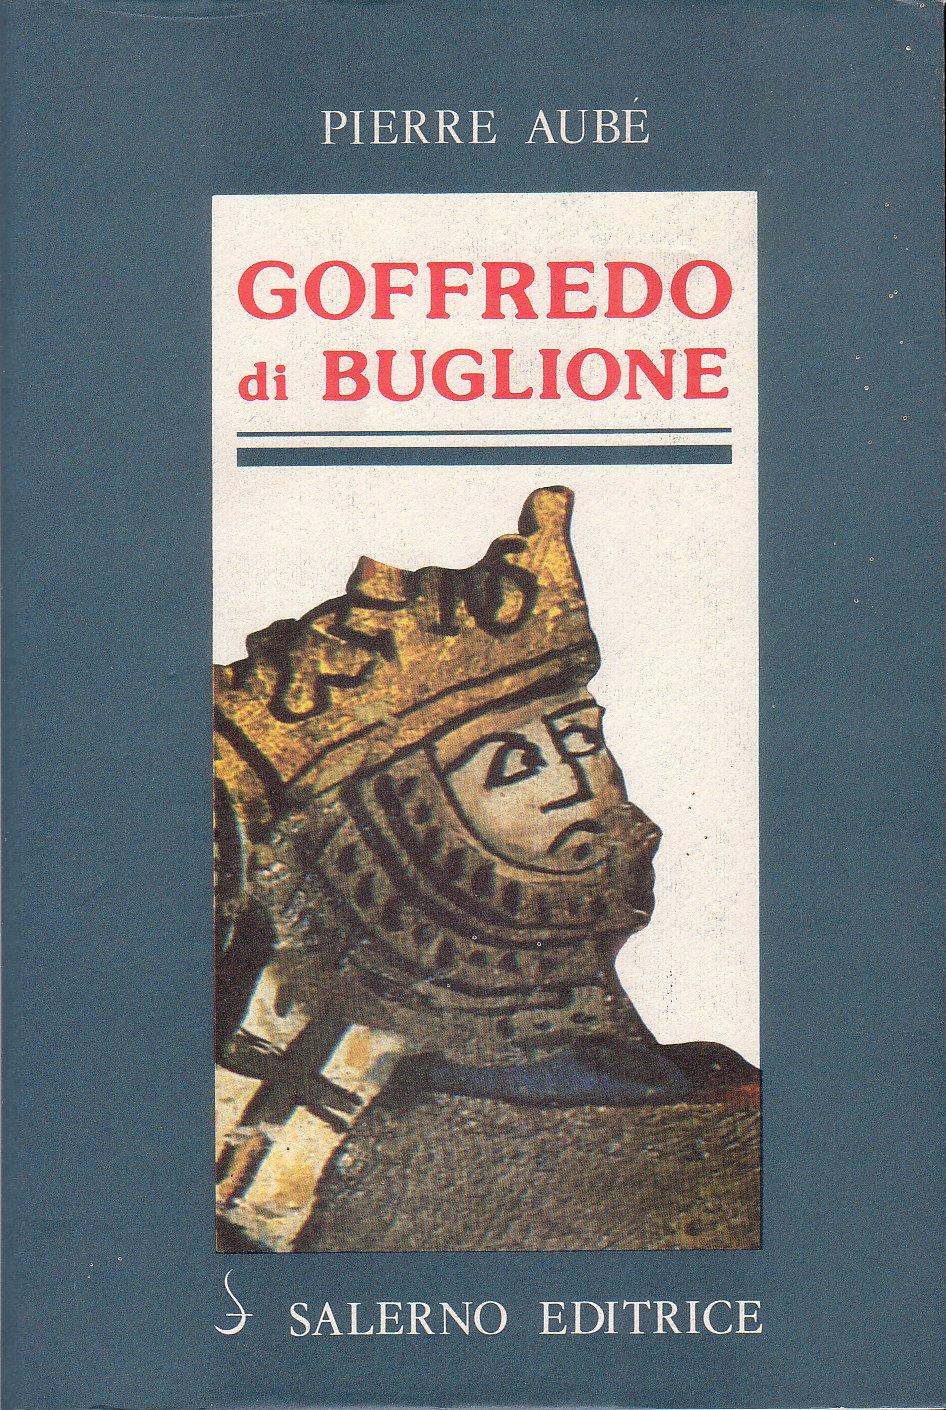 Goffredo di Buglione